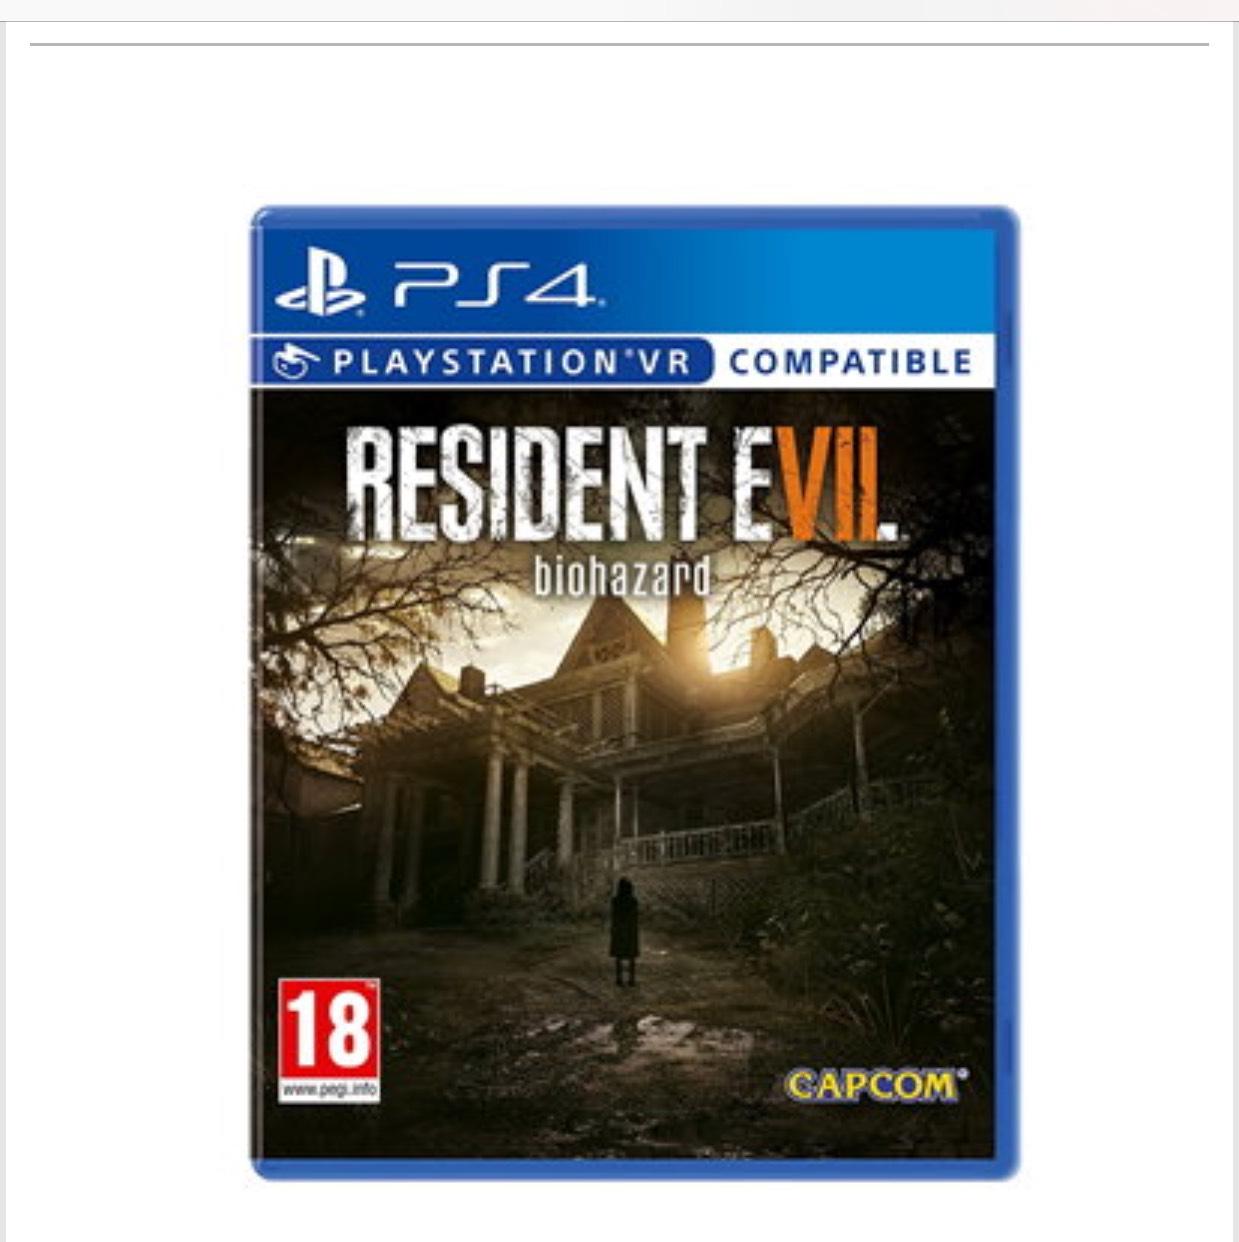 PS4 (+ XBOX) Resident Evil 7 (Biohazard) BASE.COM £15.85